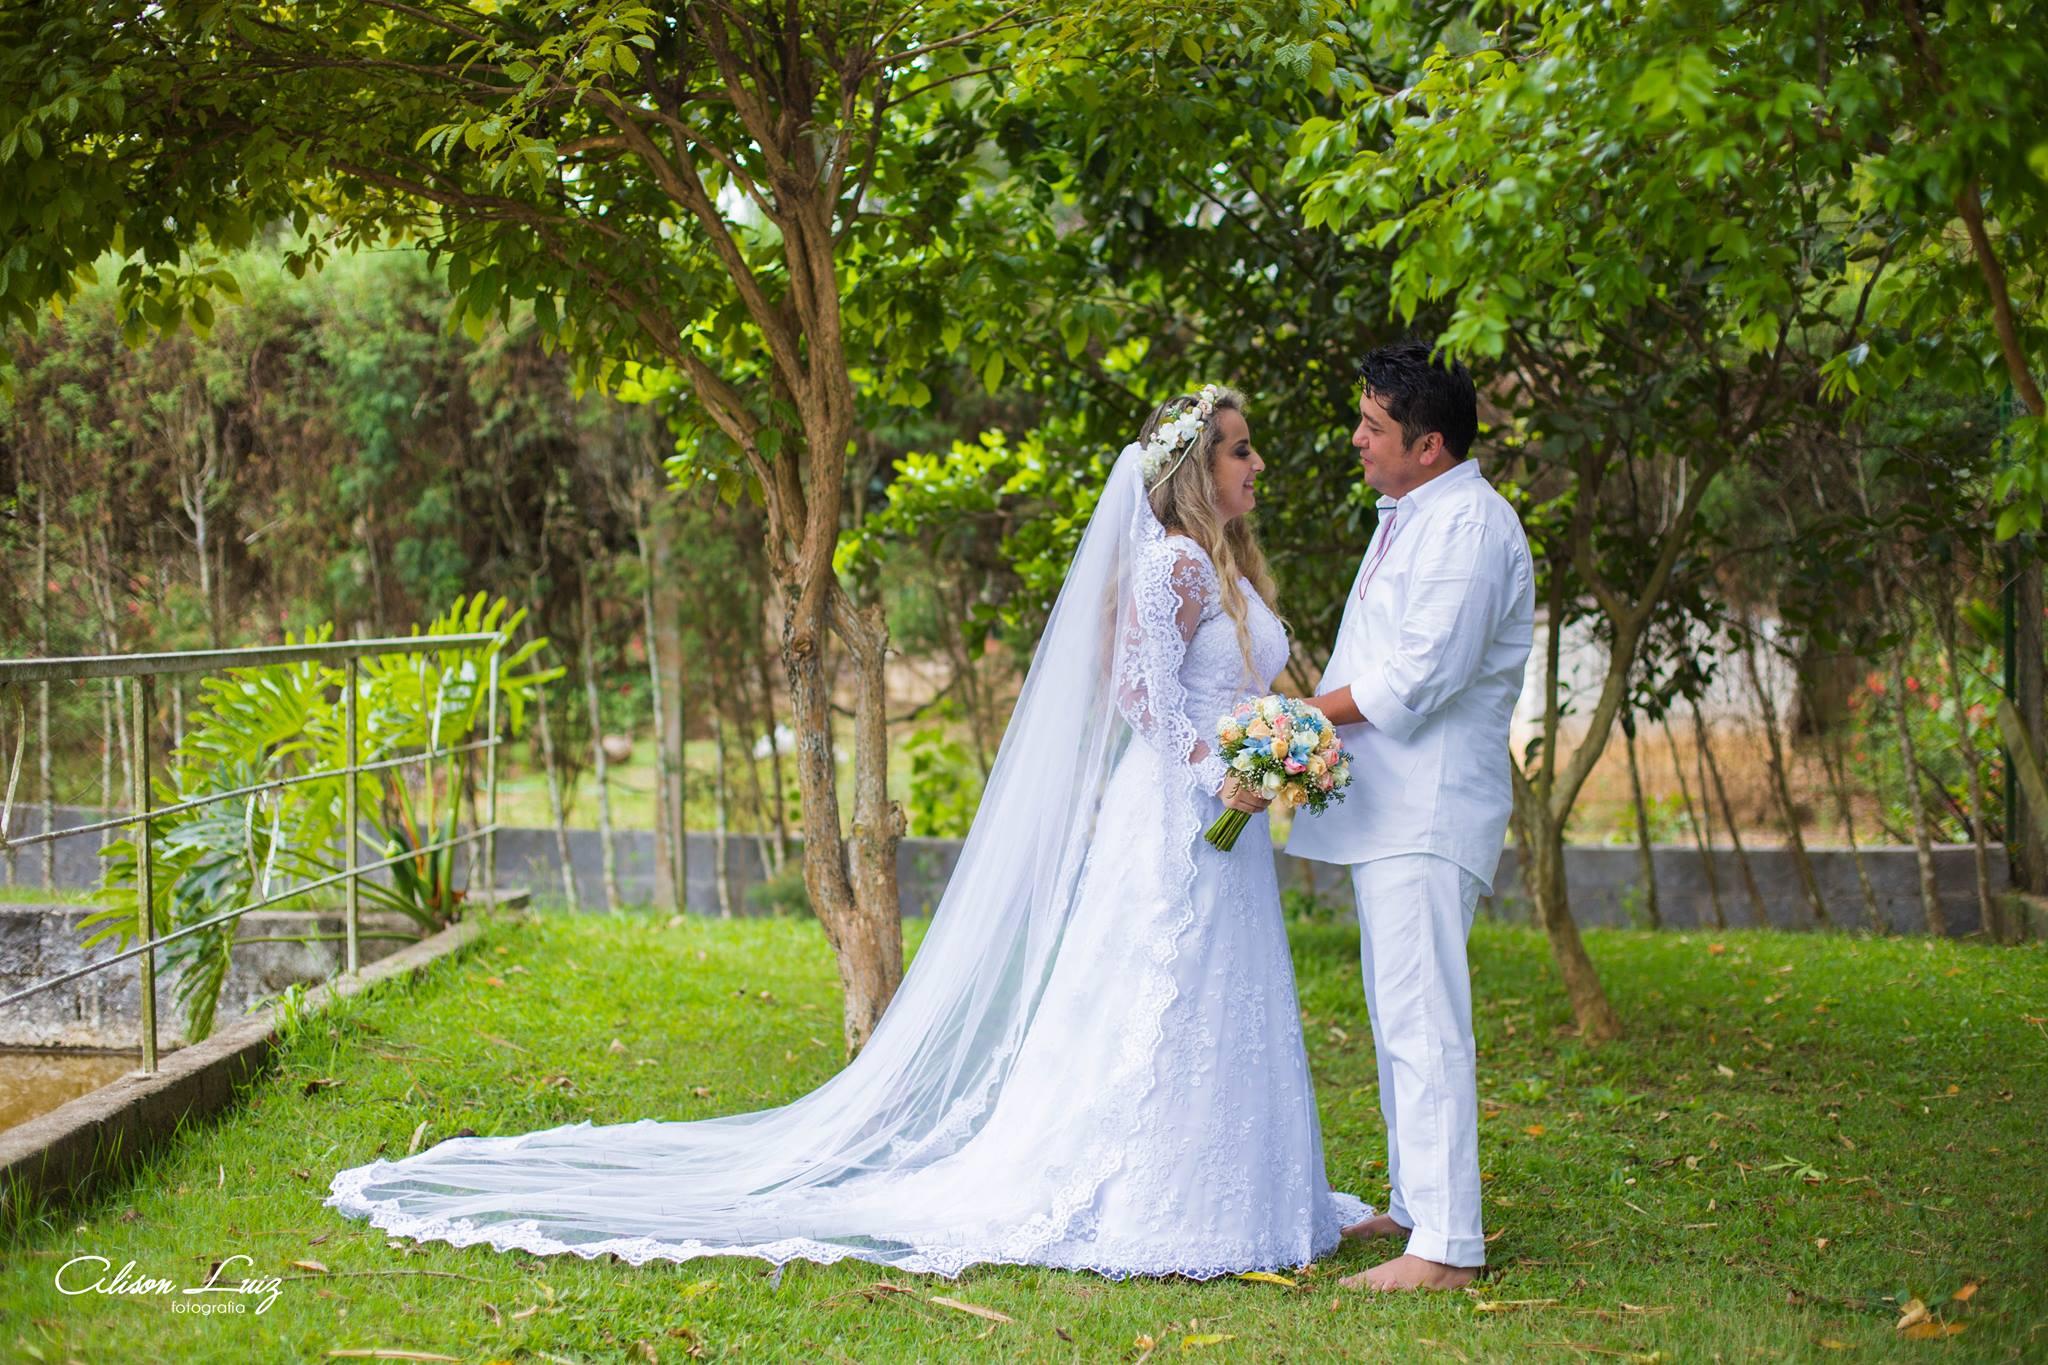 Fotógrafo evangélico registra casamento umbandista e faz lindo relato do que viu 17